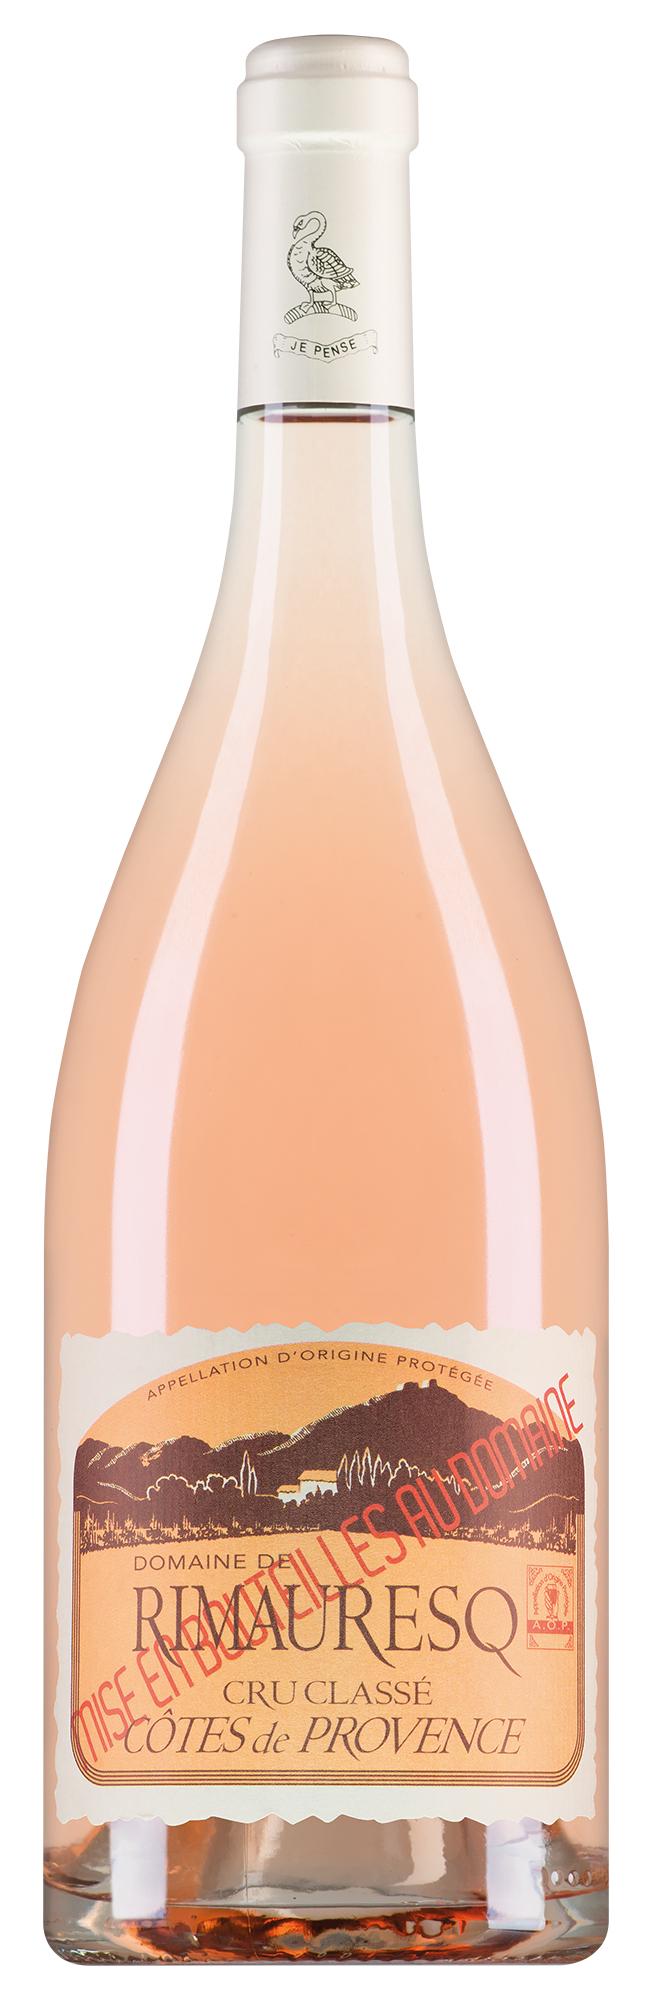 Domaine de Rimauresq Côtes de Provence Cru Classé Rebelle rosé